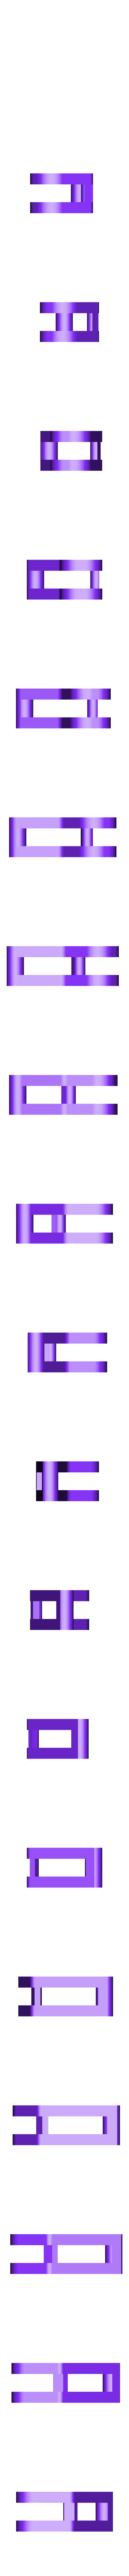 D93a489c 6fbd 42bd 989b 050cb92f0737